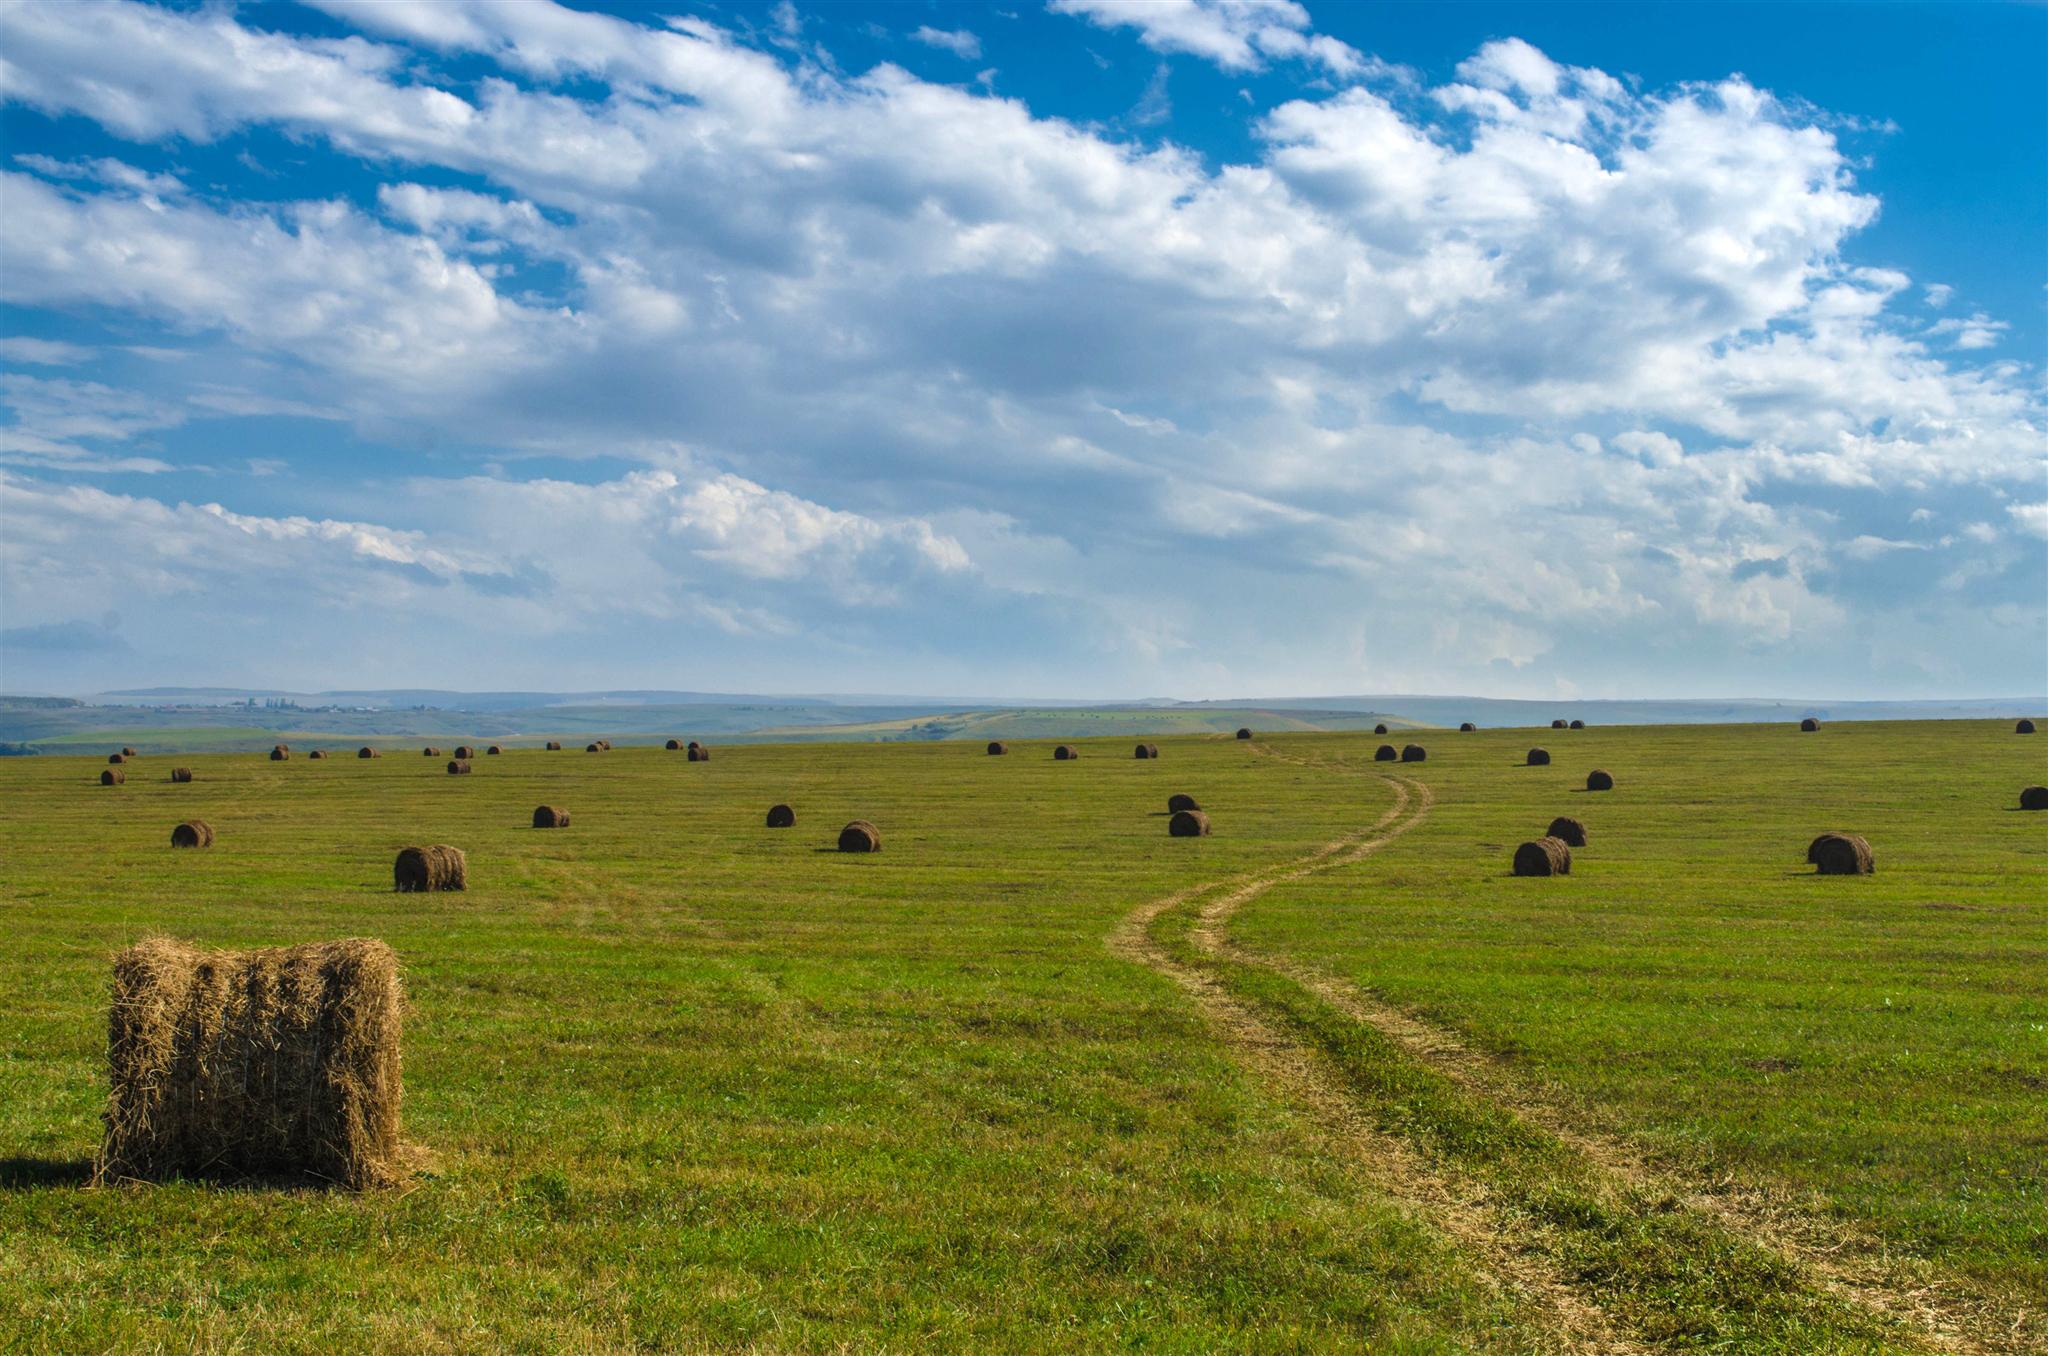 солома поле небо облака straw field the sky clouds  № 1783578 бесплатно